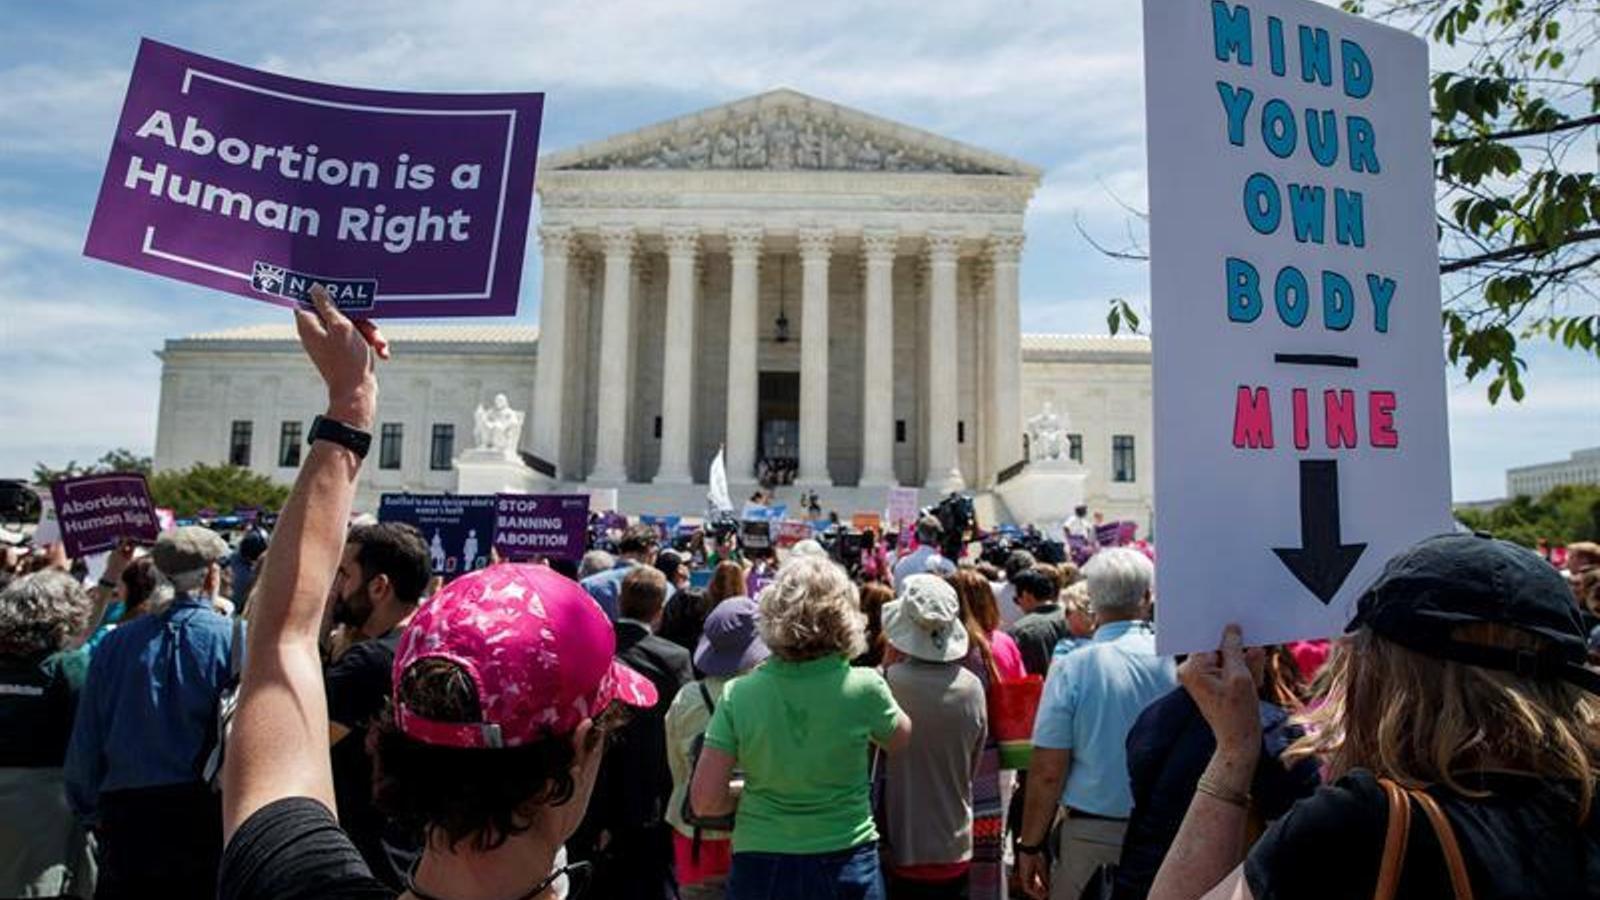 Els nord-americans tornen al carrer pel dret a avortar 50 anys després